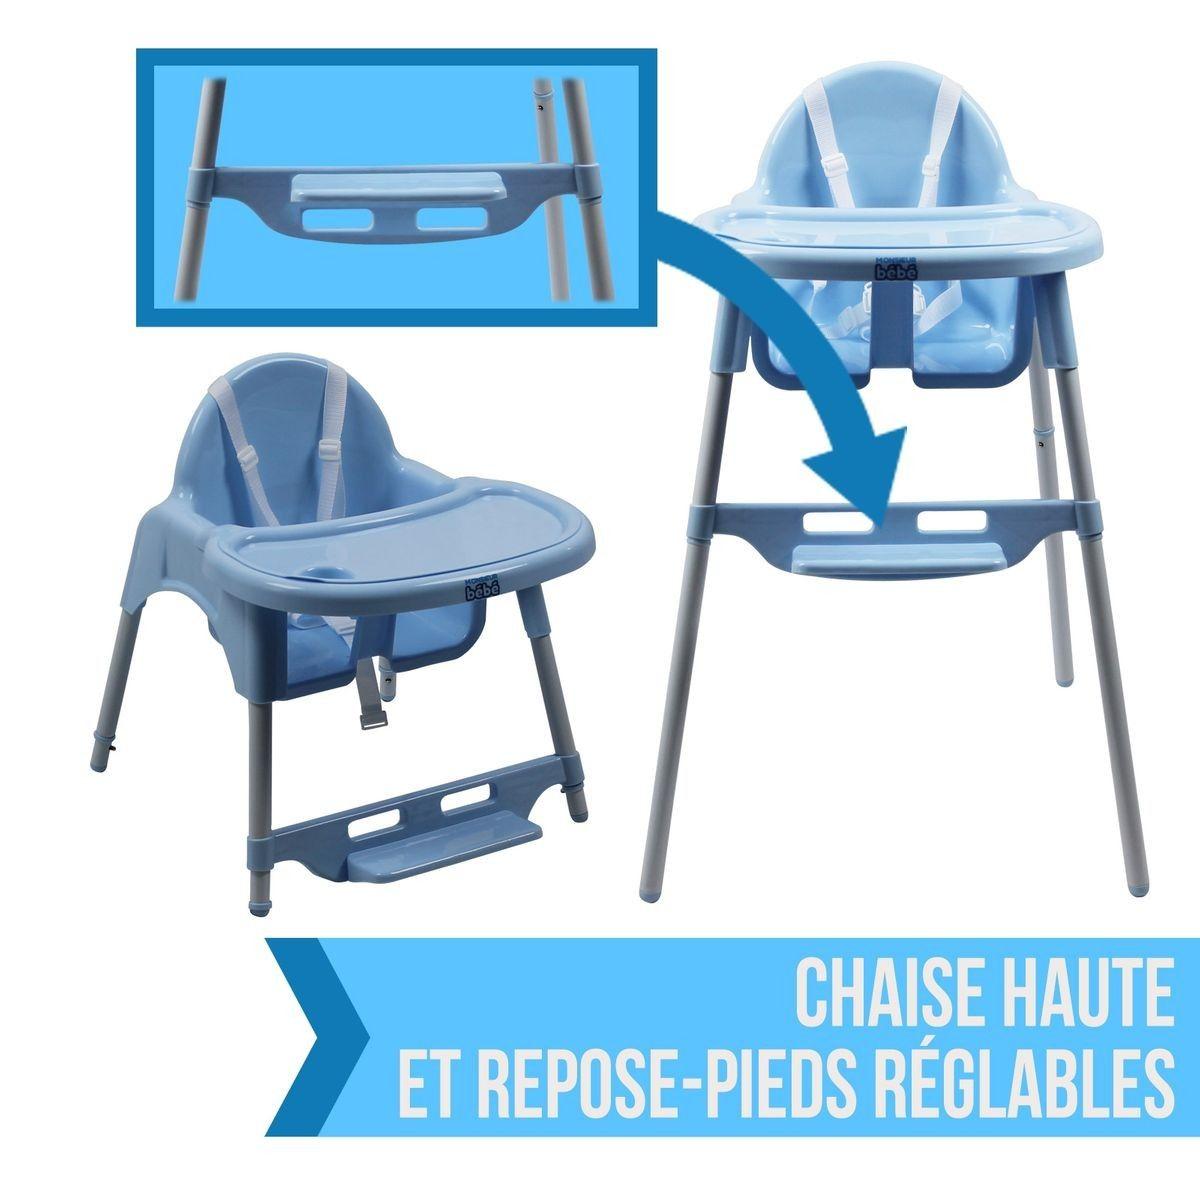 Chaise Haute Bebe Reglable Hauteur Et Tablette Delice Taille Taille Unique Chaise Haute Bebe Chaise Et Tablette